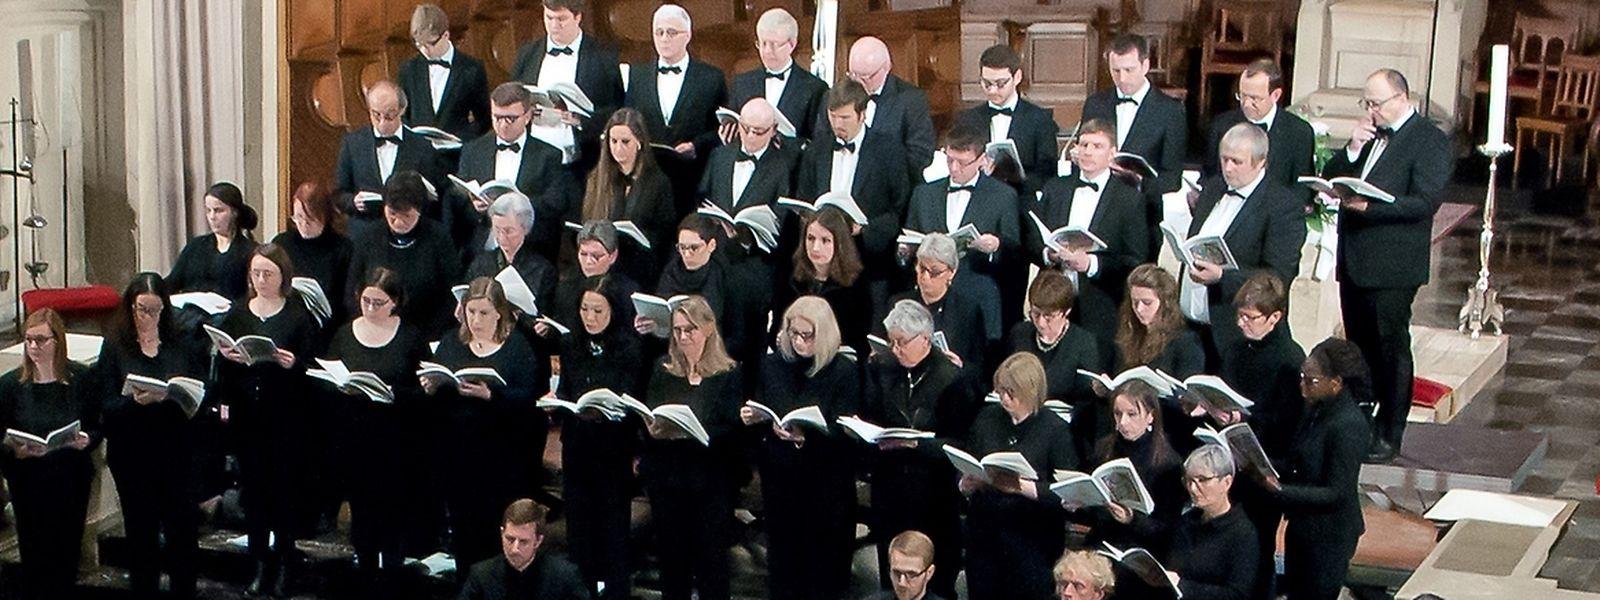 """Das traditionelle """"Au seuil de l'Avent""""-Konzert gehört zu den jährlichen Highlights des Domchors."""